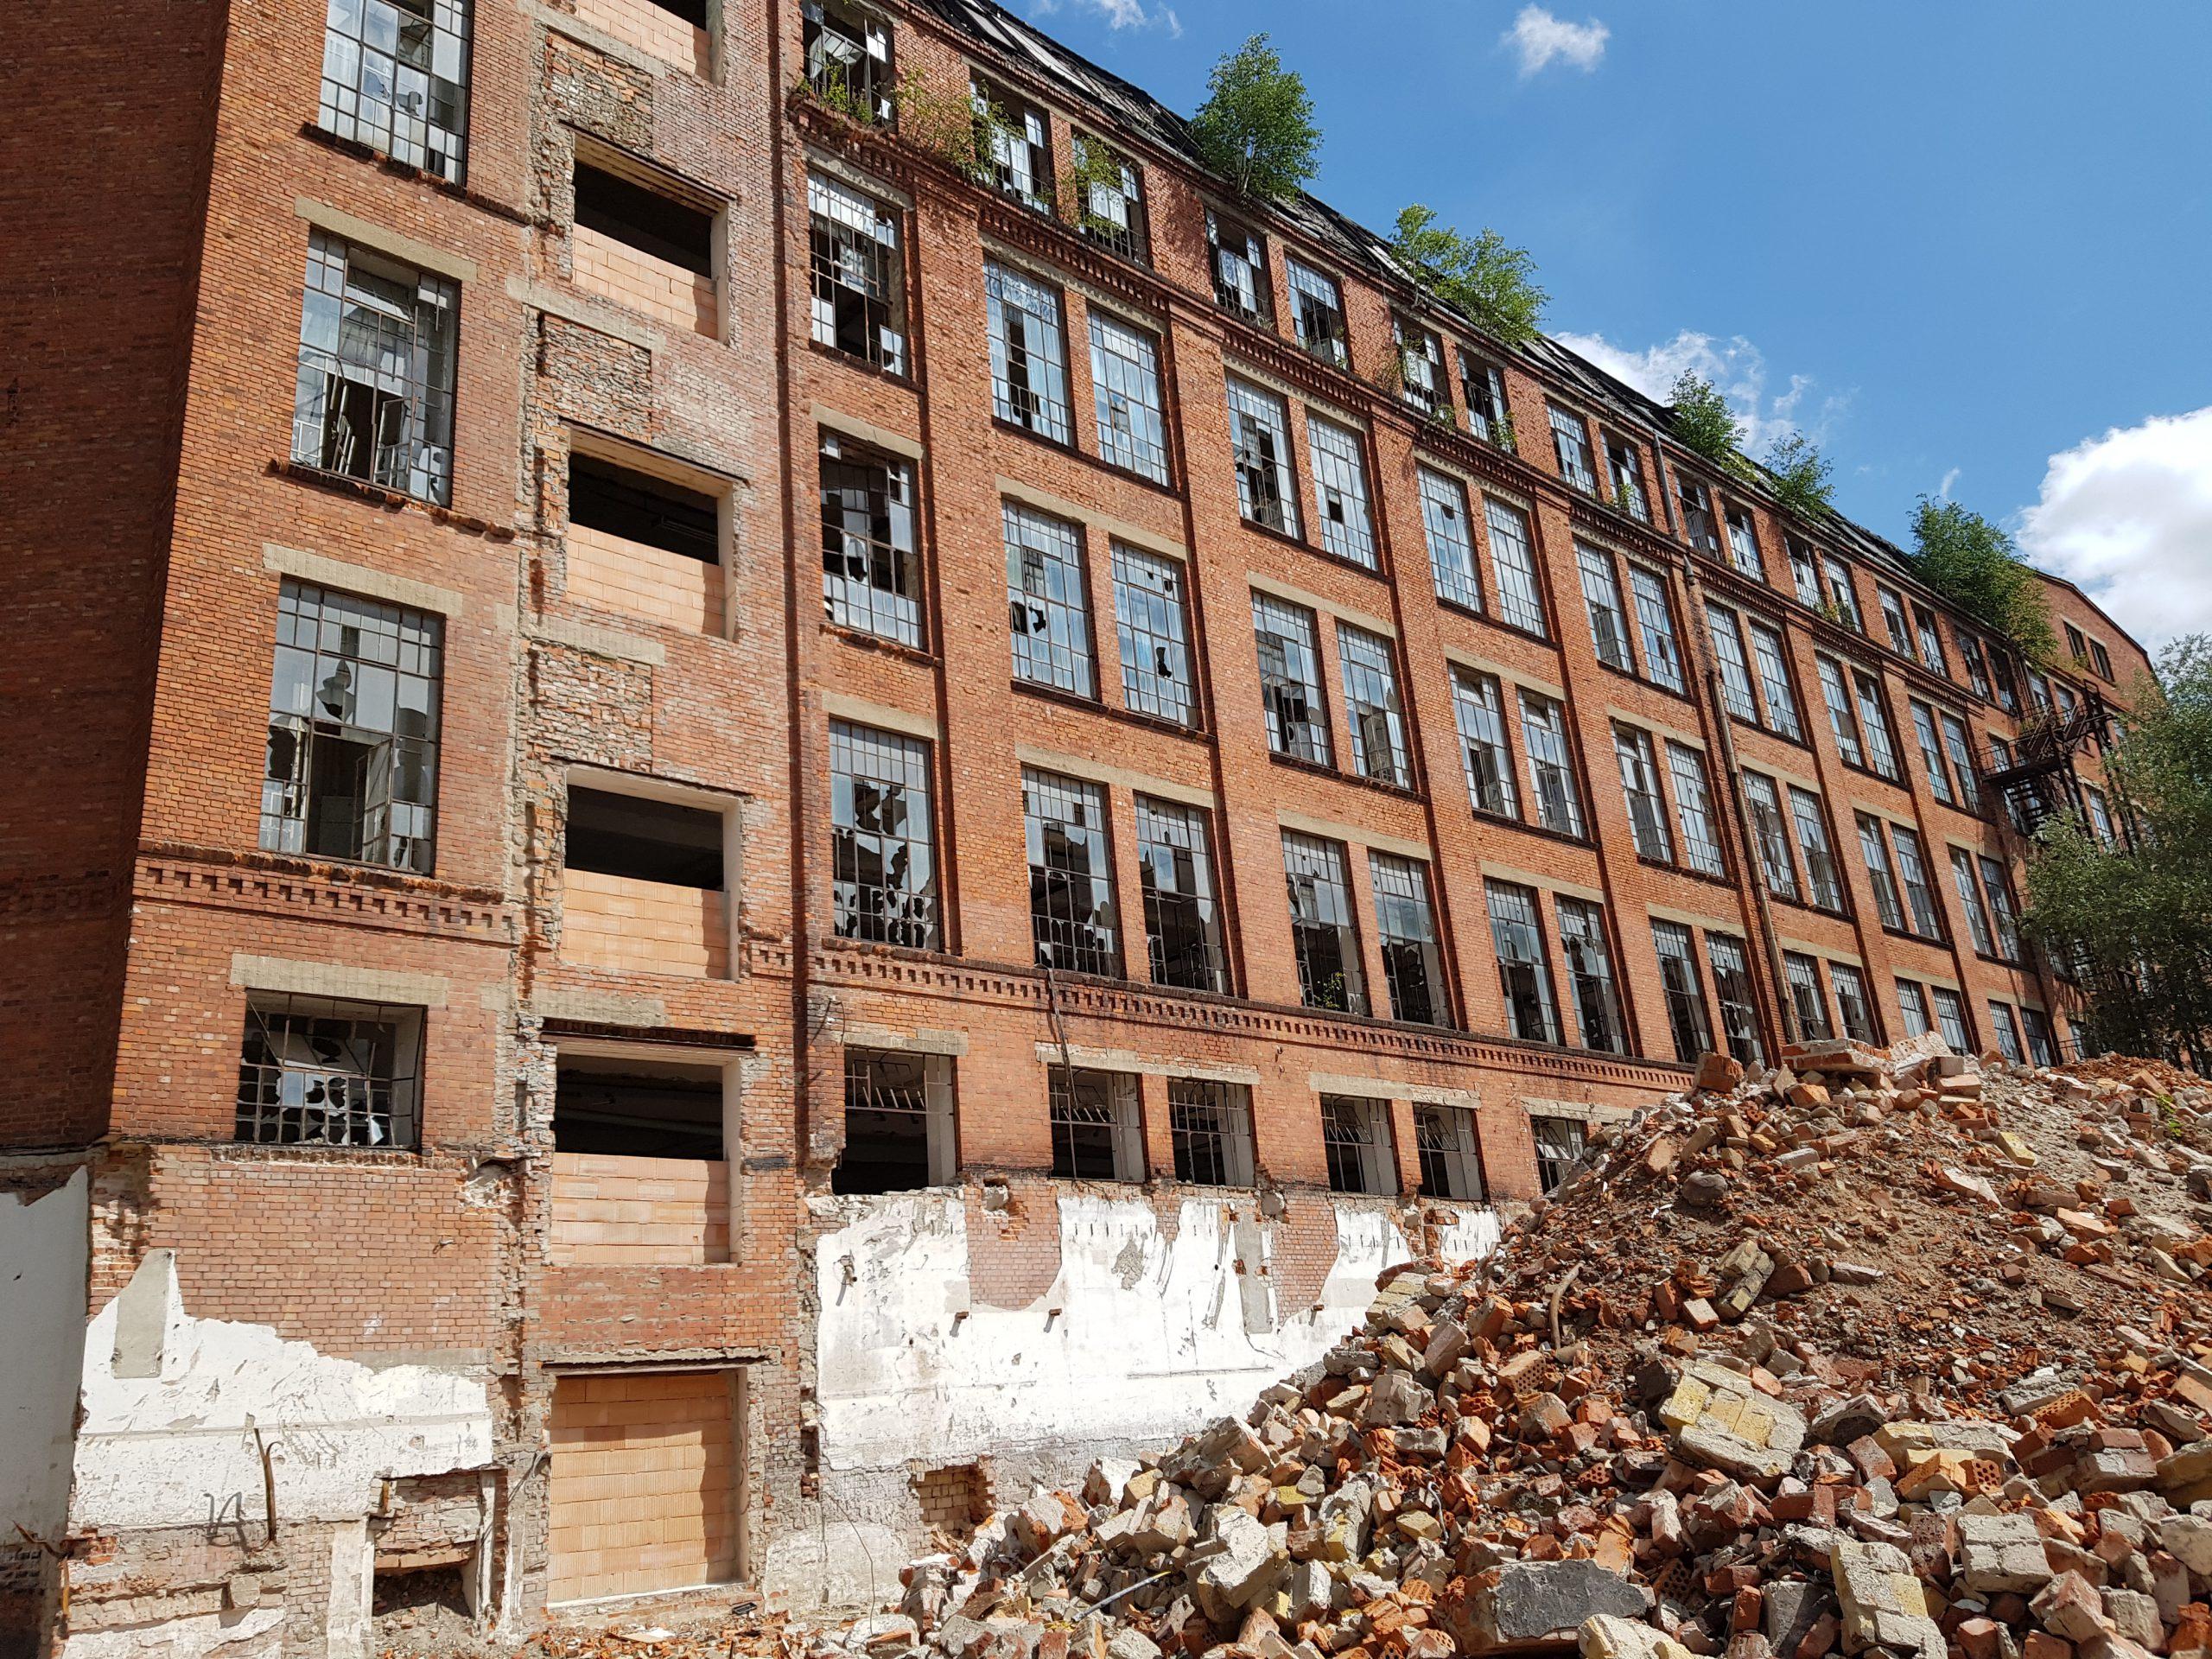 Alte Tuchfabrik Wittstock – Umbau zum Bildungscampus